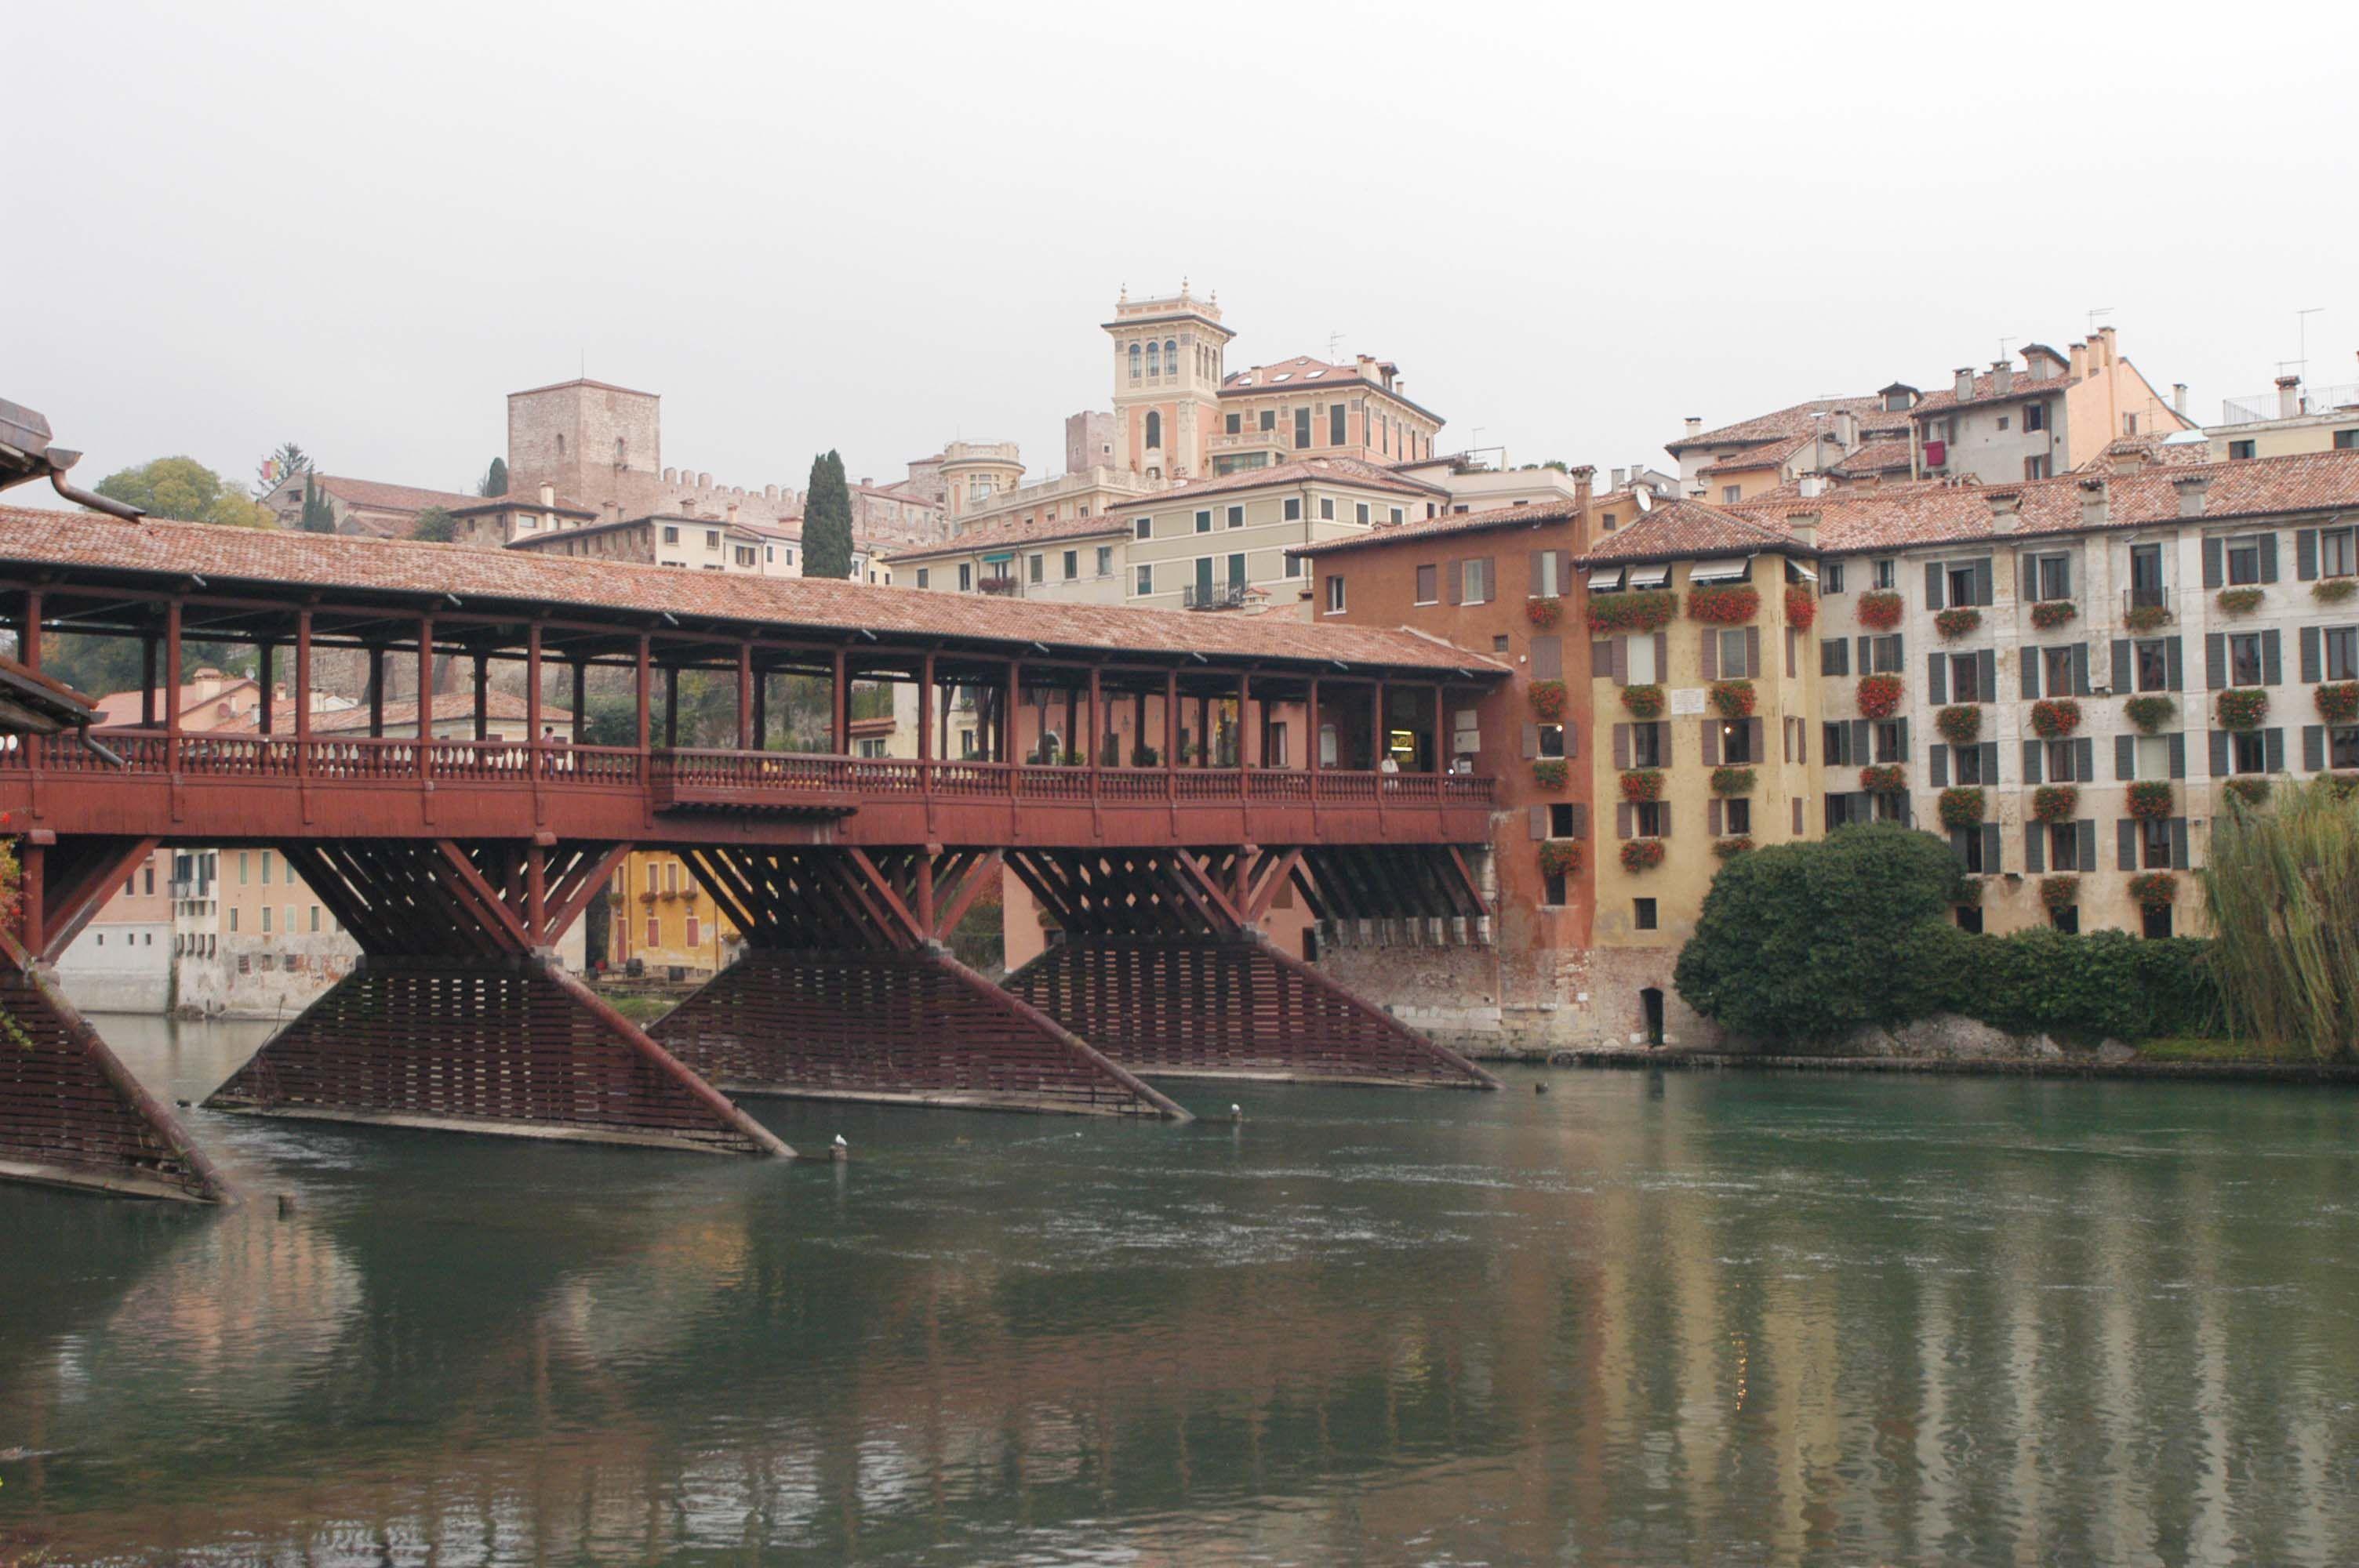 Chiuso il ponte degli alpini corriere del veneto for Piani di fondazione del ponte